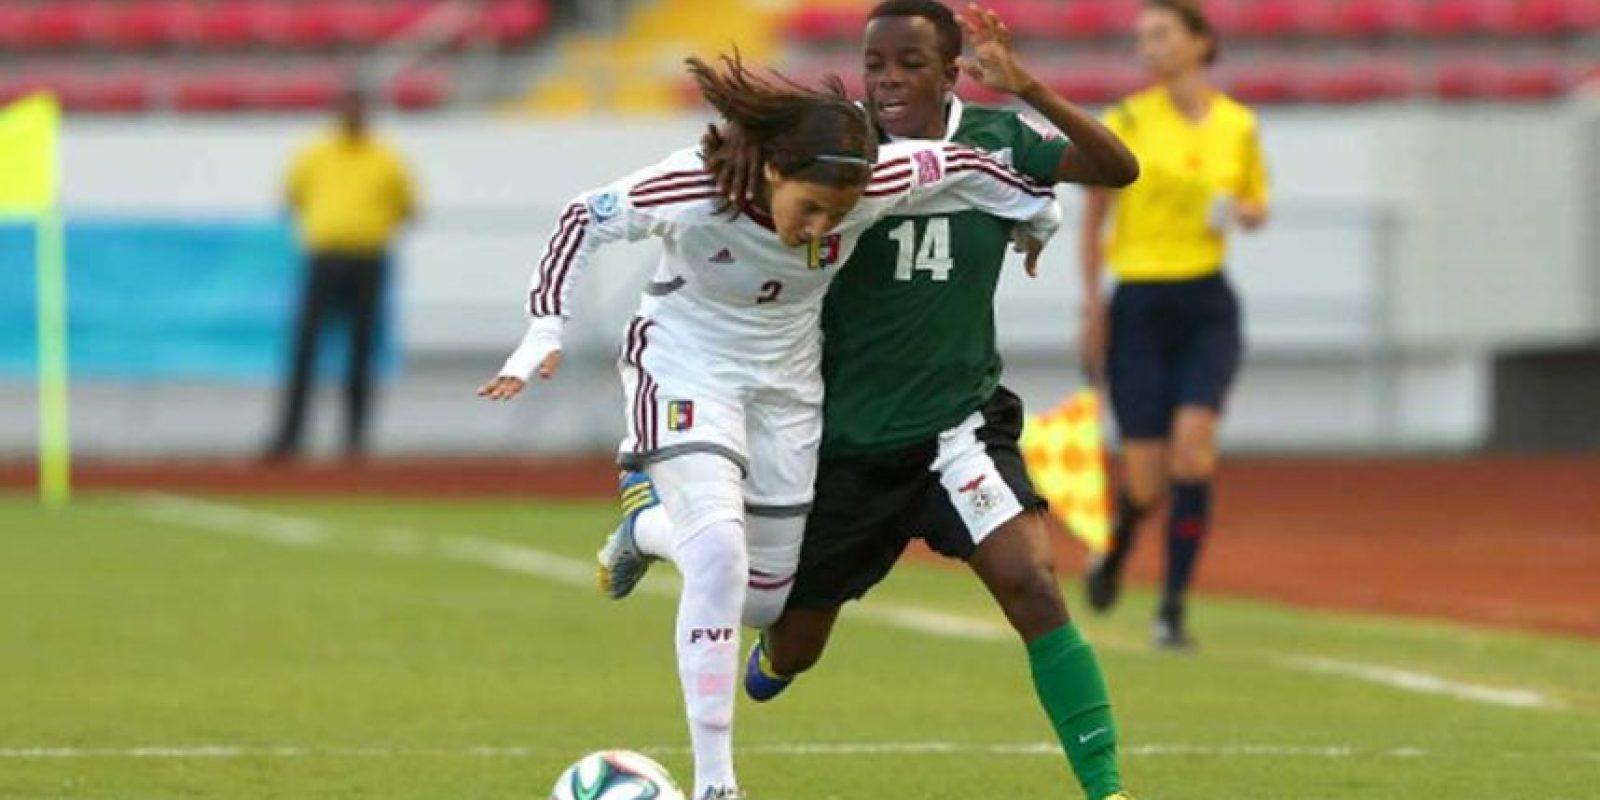 Pero a los 12 ya había obtenido otro logro: ser la jugadora más joven en jugar la Copa Libertadores (femenina) Foto:Getty Images